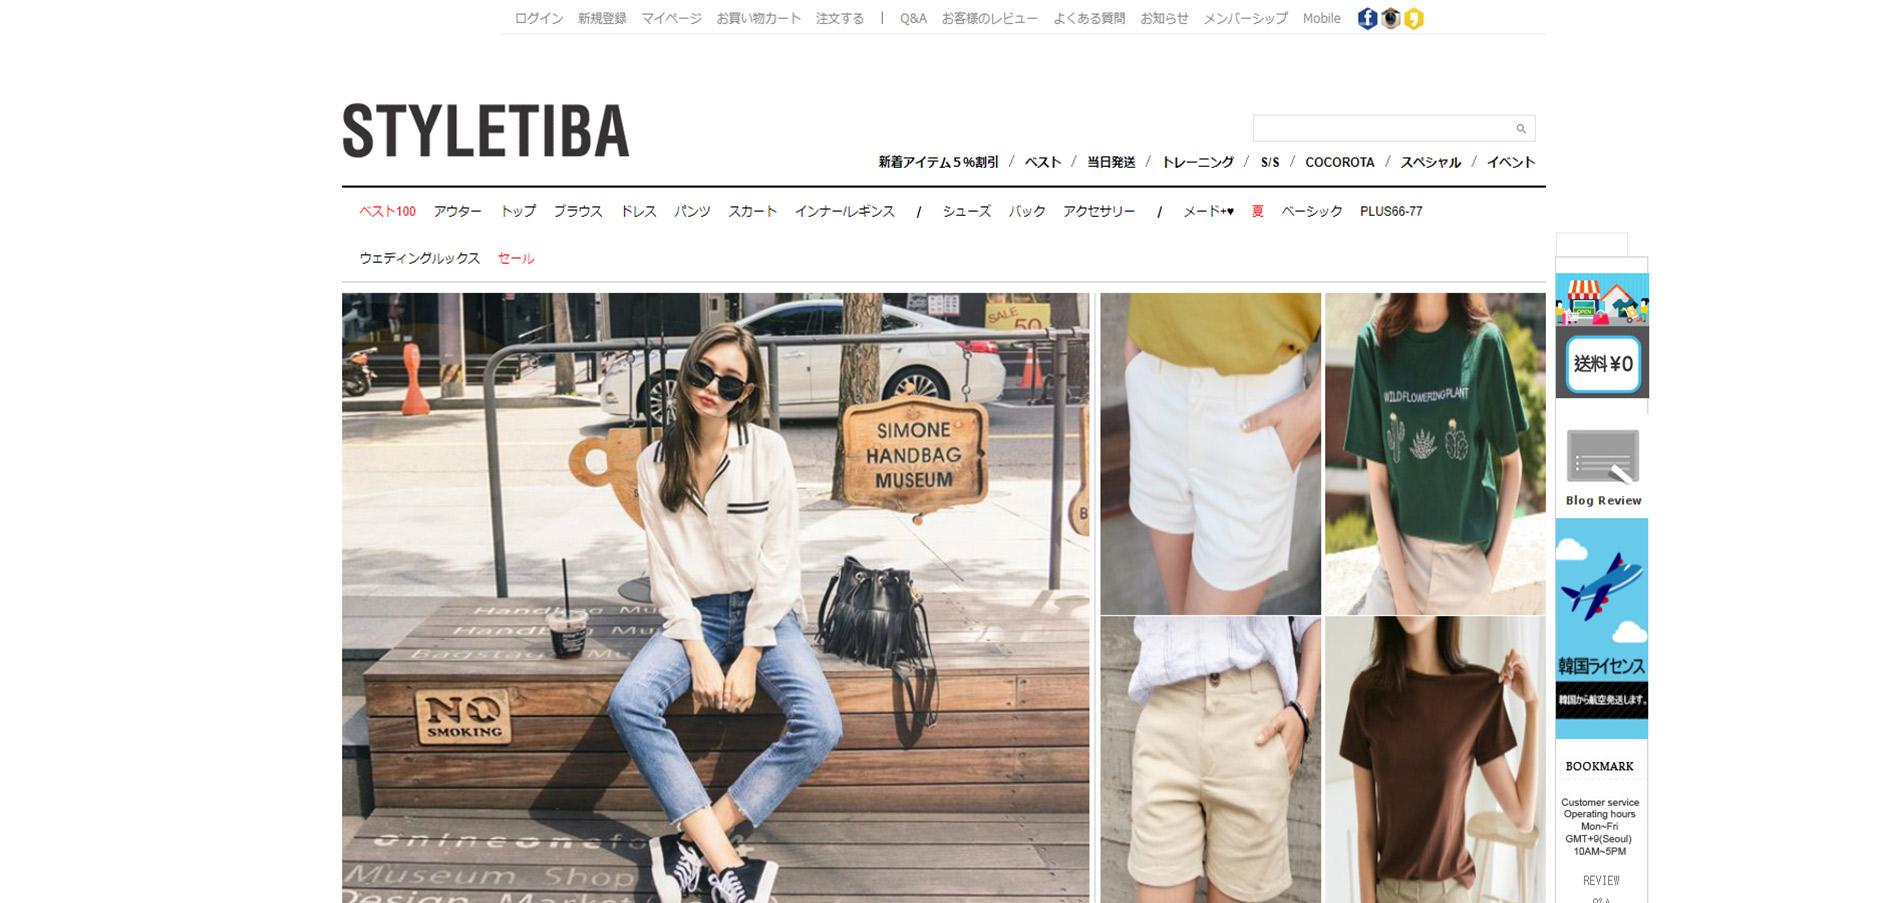 30代におすすめな韓国ファッション通販サイトのSTYLETIBA(スタイルティバ)